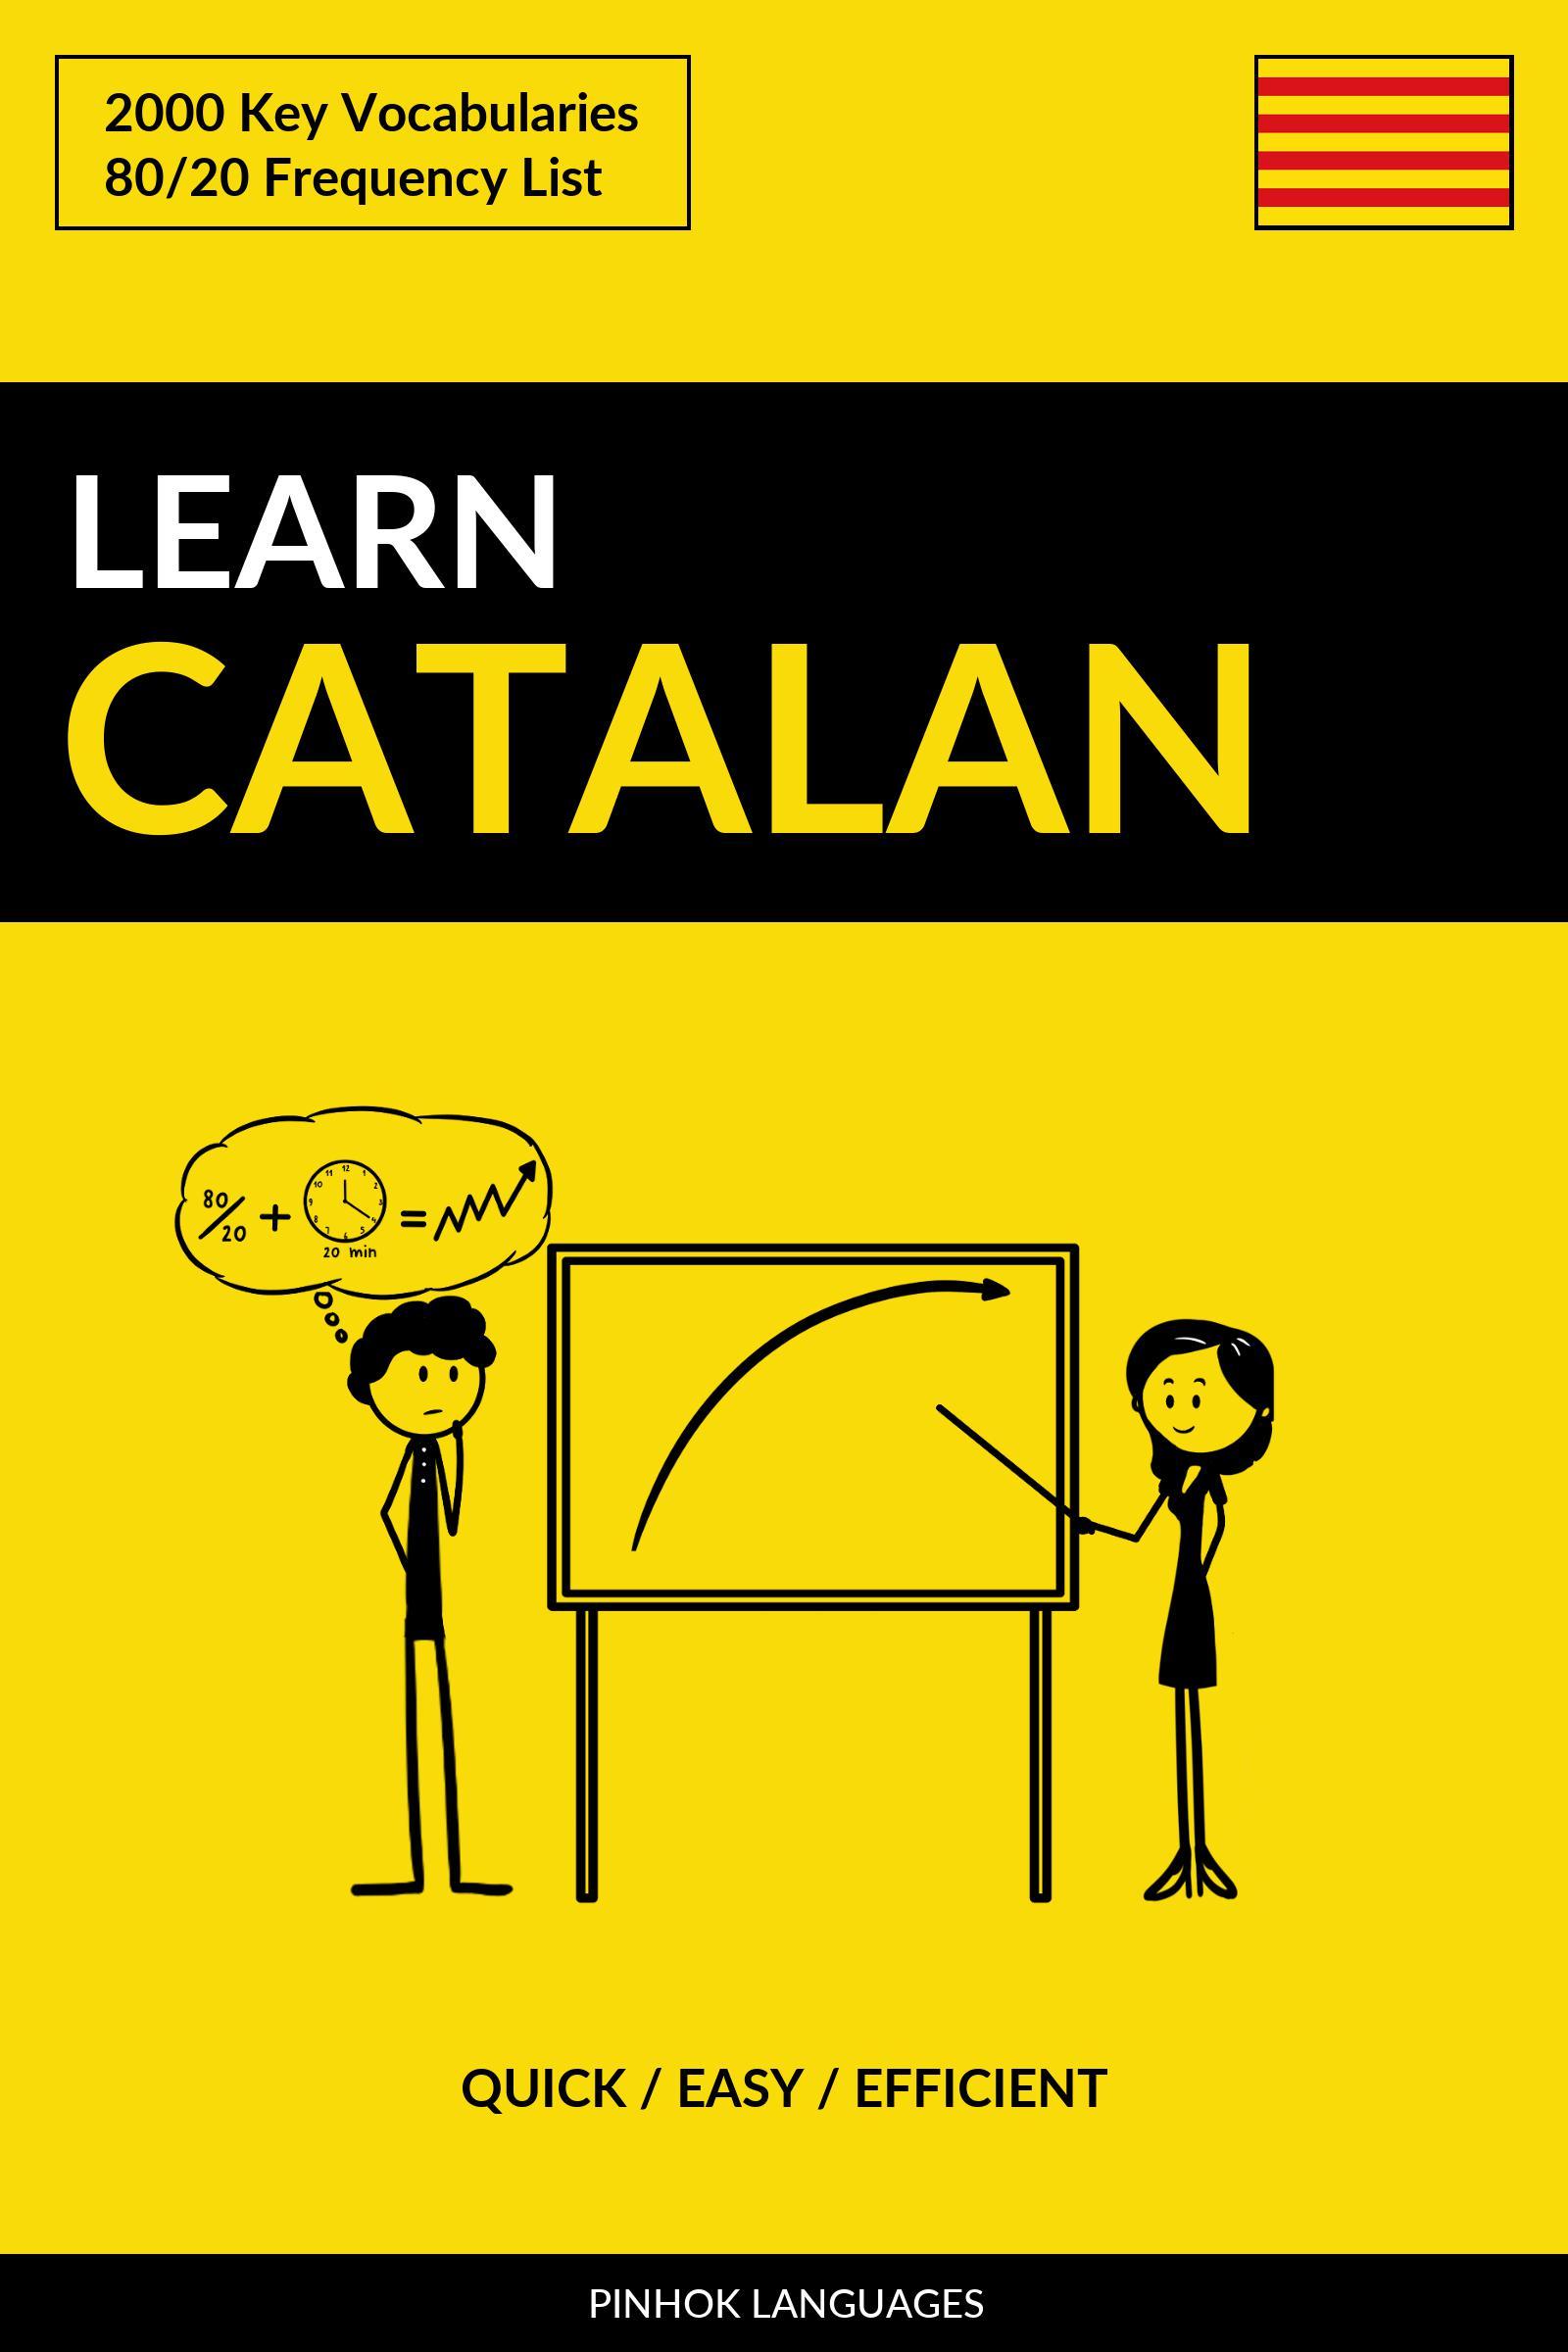 19 Basic Spanish Words for Kids